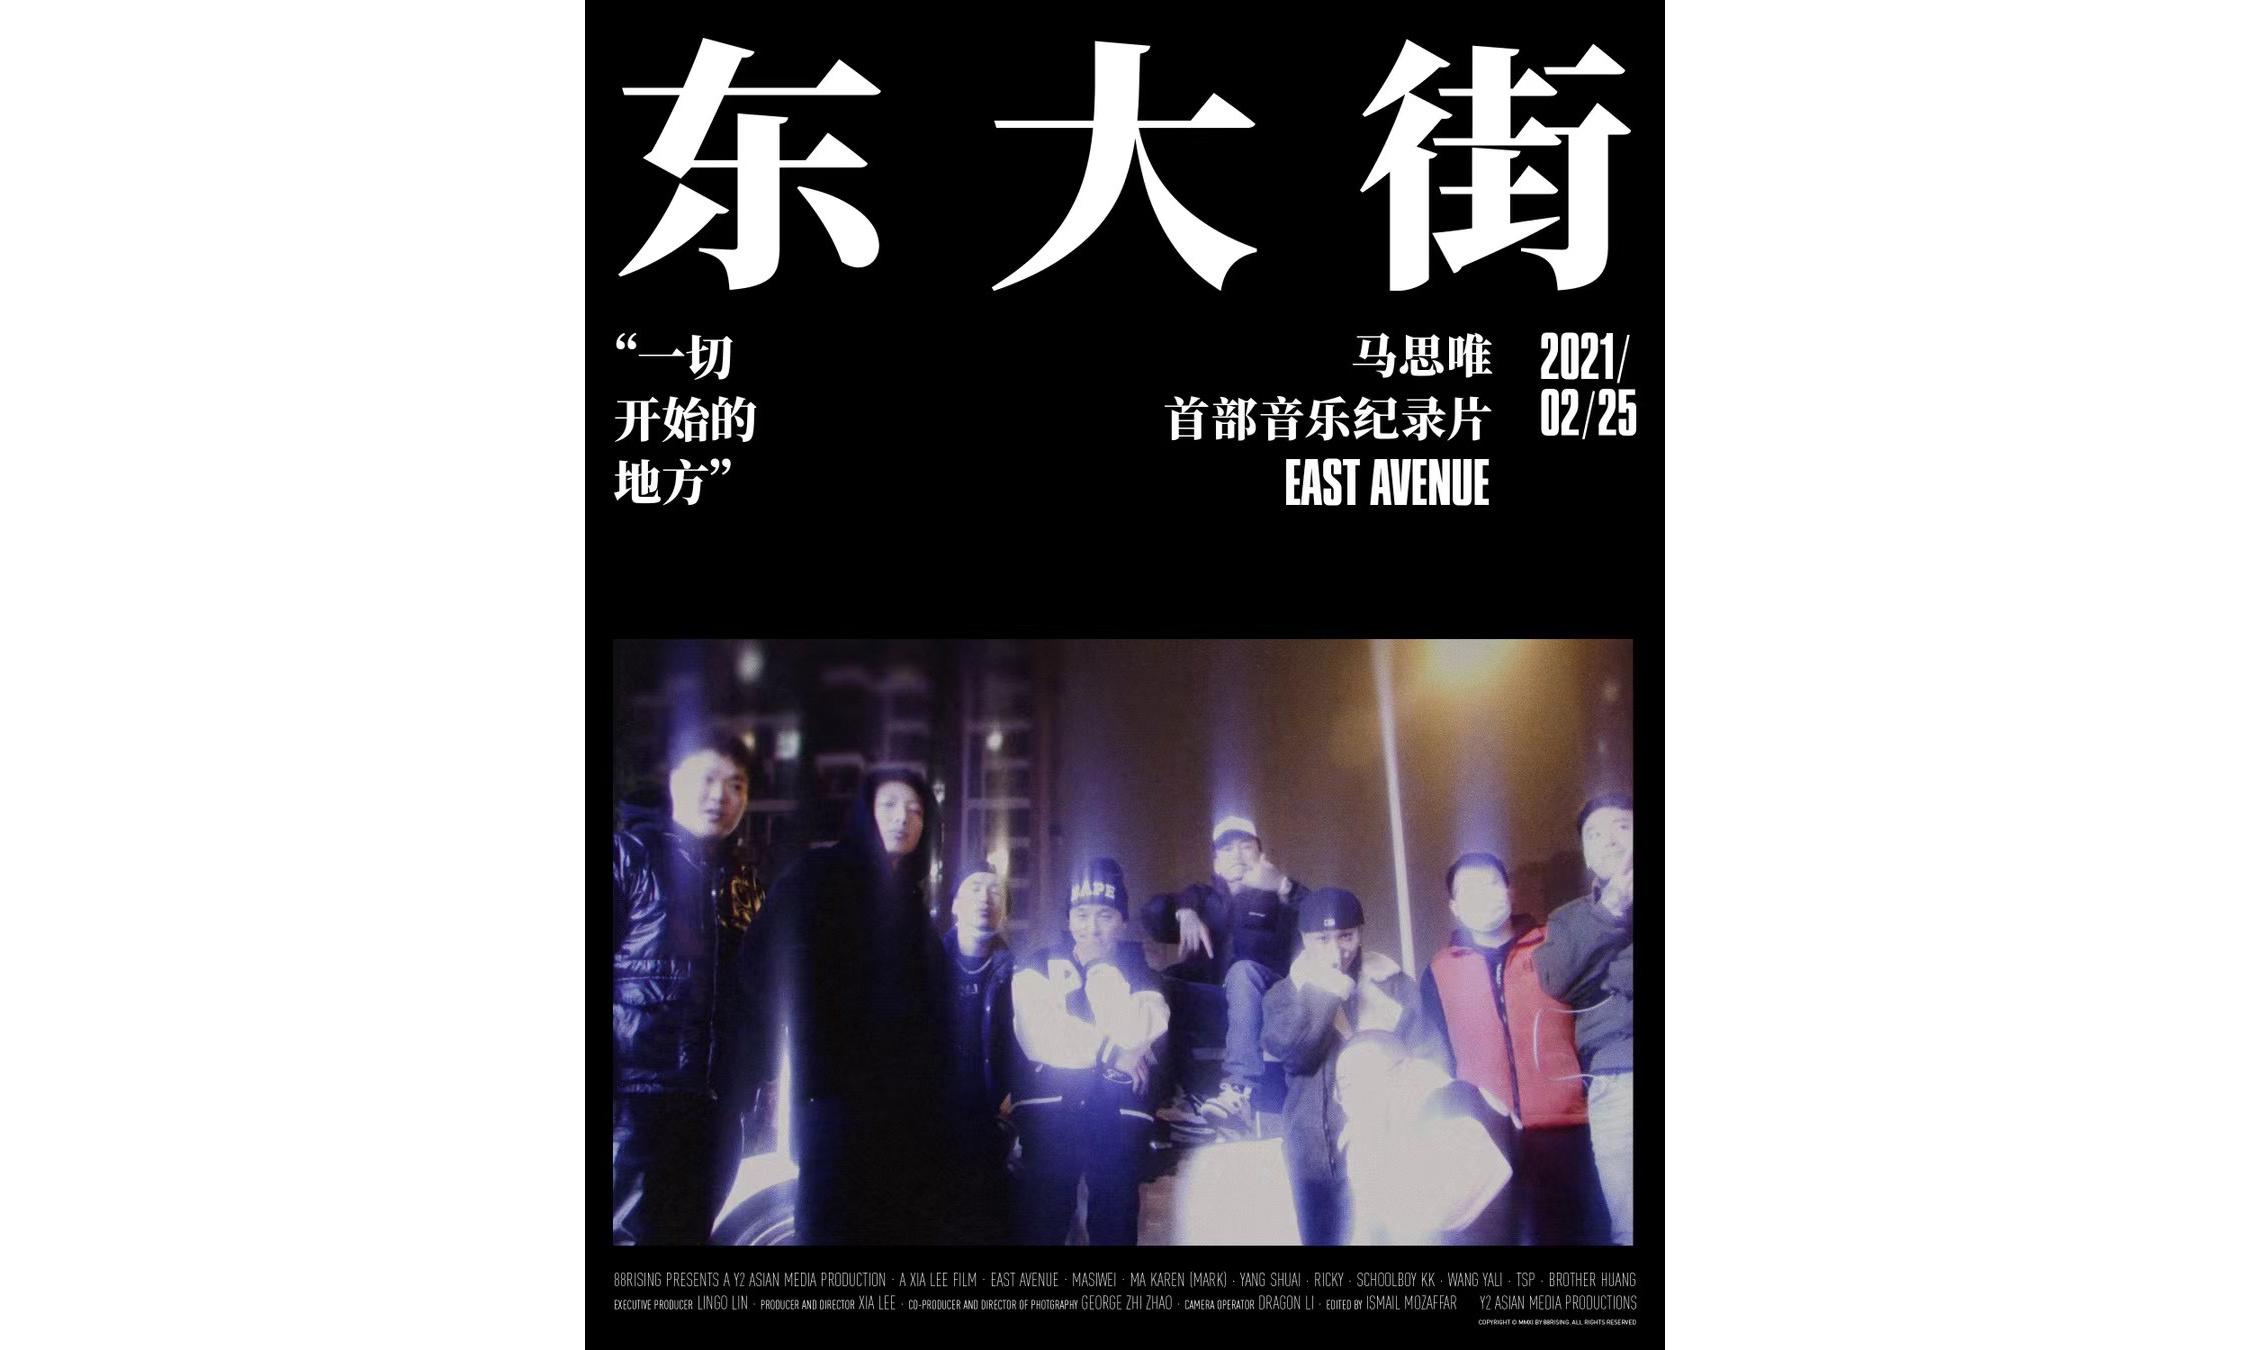 马思唯首部个人音乐纪录片《东大街》发布